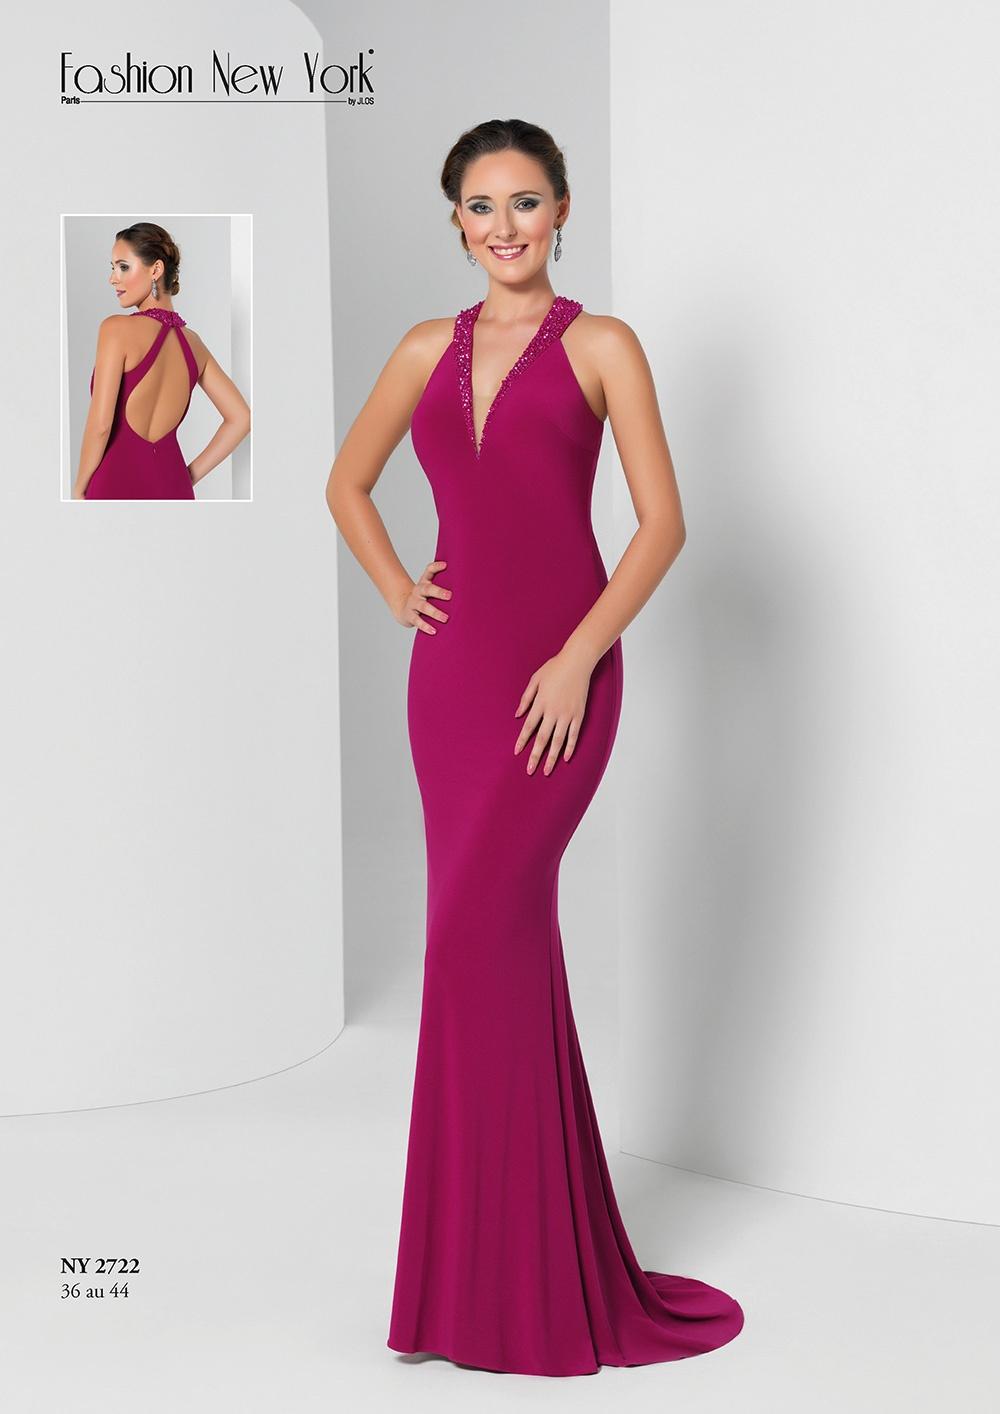 Abendkleider und Ballkleider aus Havixbeck - Kleider-Diele Treus